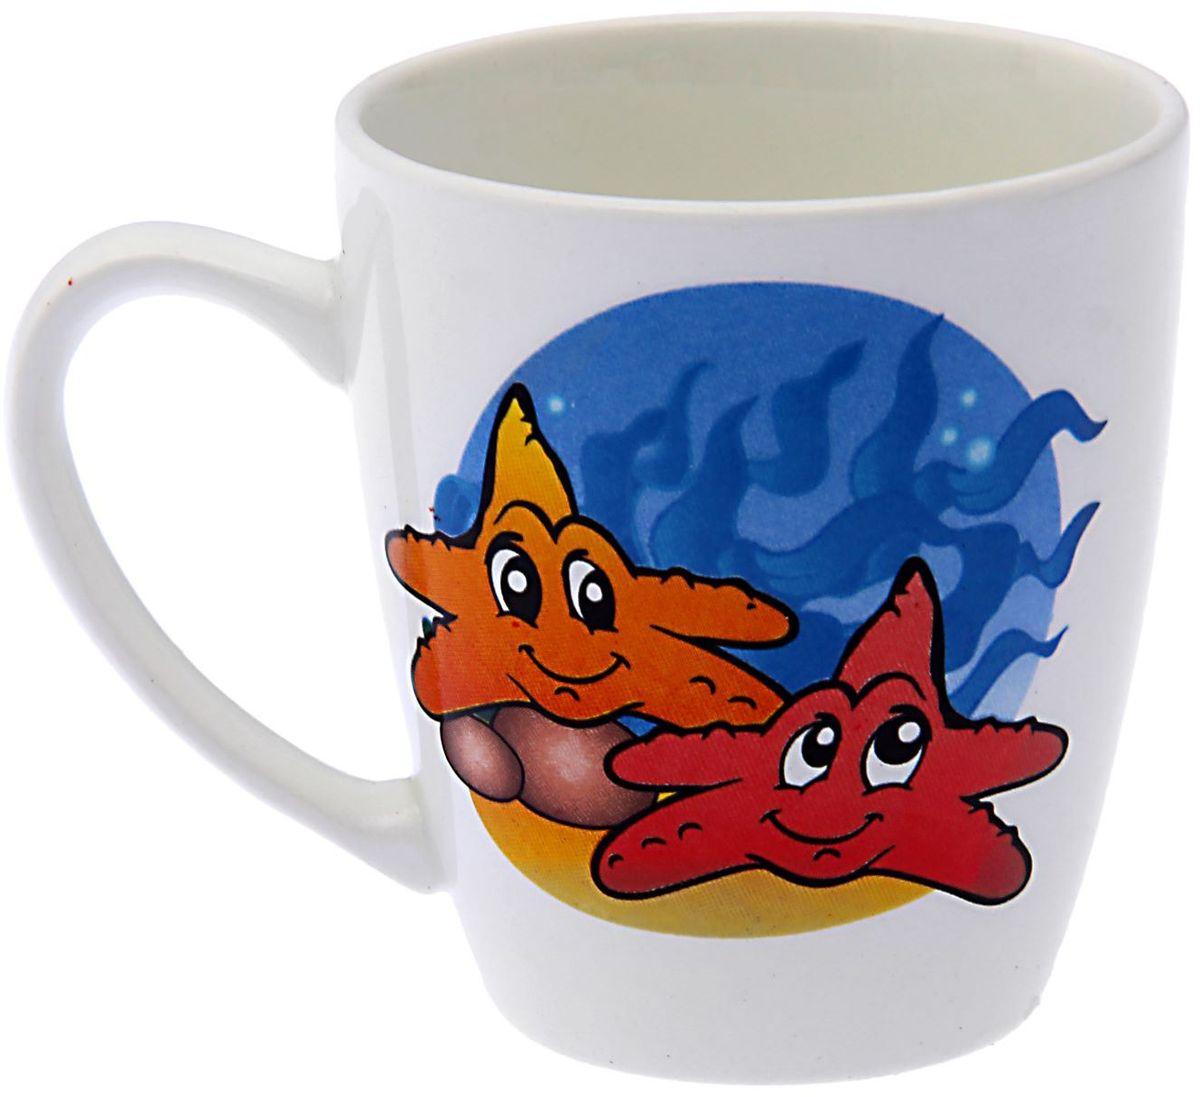 Кубаньфарфор Кружка детская Морской мир 220 мл 11317371131737Фаянсовая детская посуда с забавным рисунком понравится каждому малышу. Изделие из качественного материала станет правильным выбором для повседневной эксплуатации и поможет превратить каждый прием пищи в радостное приключение.Особенности:- простота мойки,- стойкость к запахам,- насыщенный цвет.